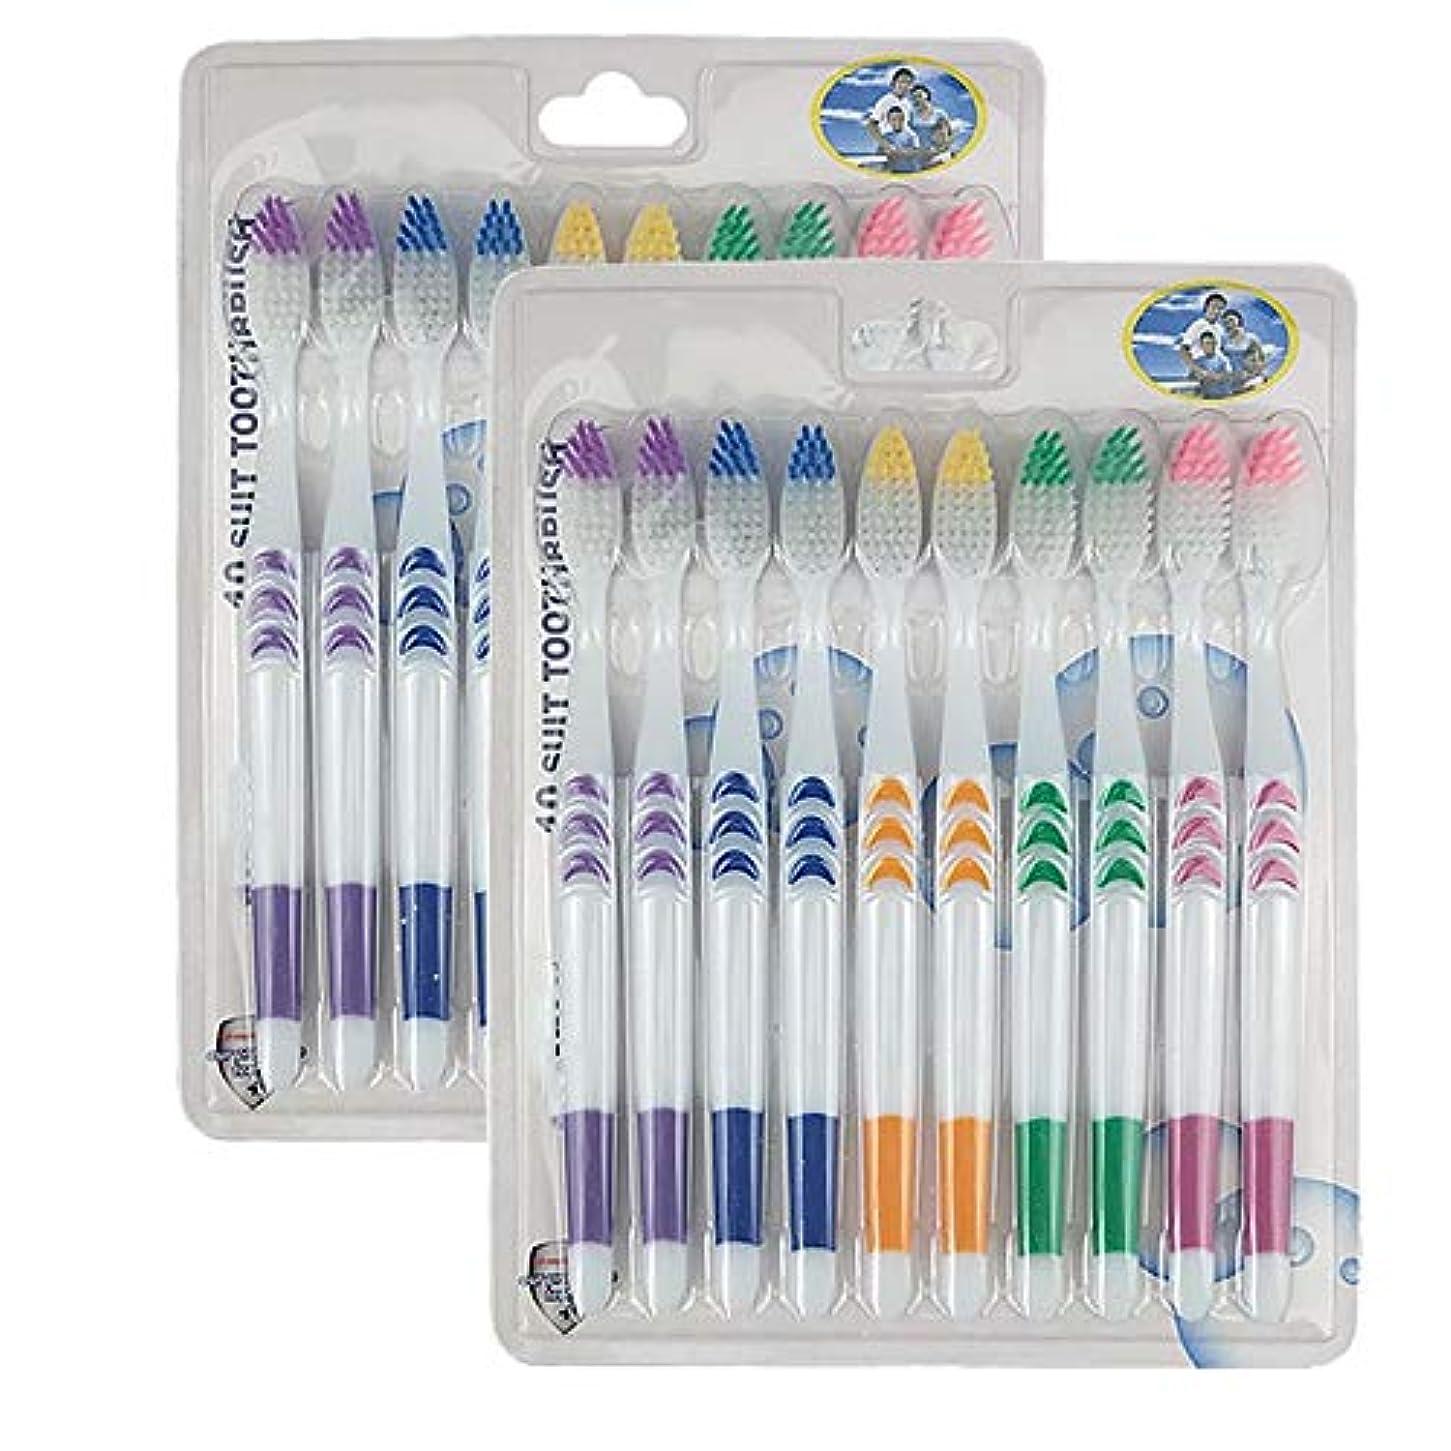 醜い誕生日ボックス歯ブラシ 20パック歯ブラシ、竹炭歯ブラシ、大人歯ブラシ、歯茎をマッサージ - 使用可能なスタイルの3種類 HL (色 : A, サイズ : 20 packs)